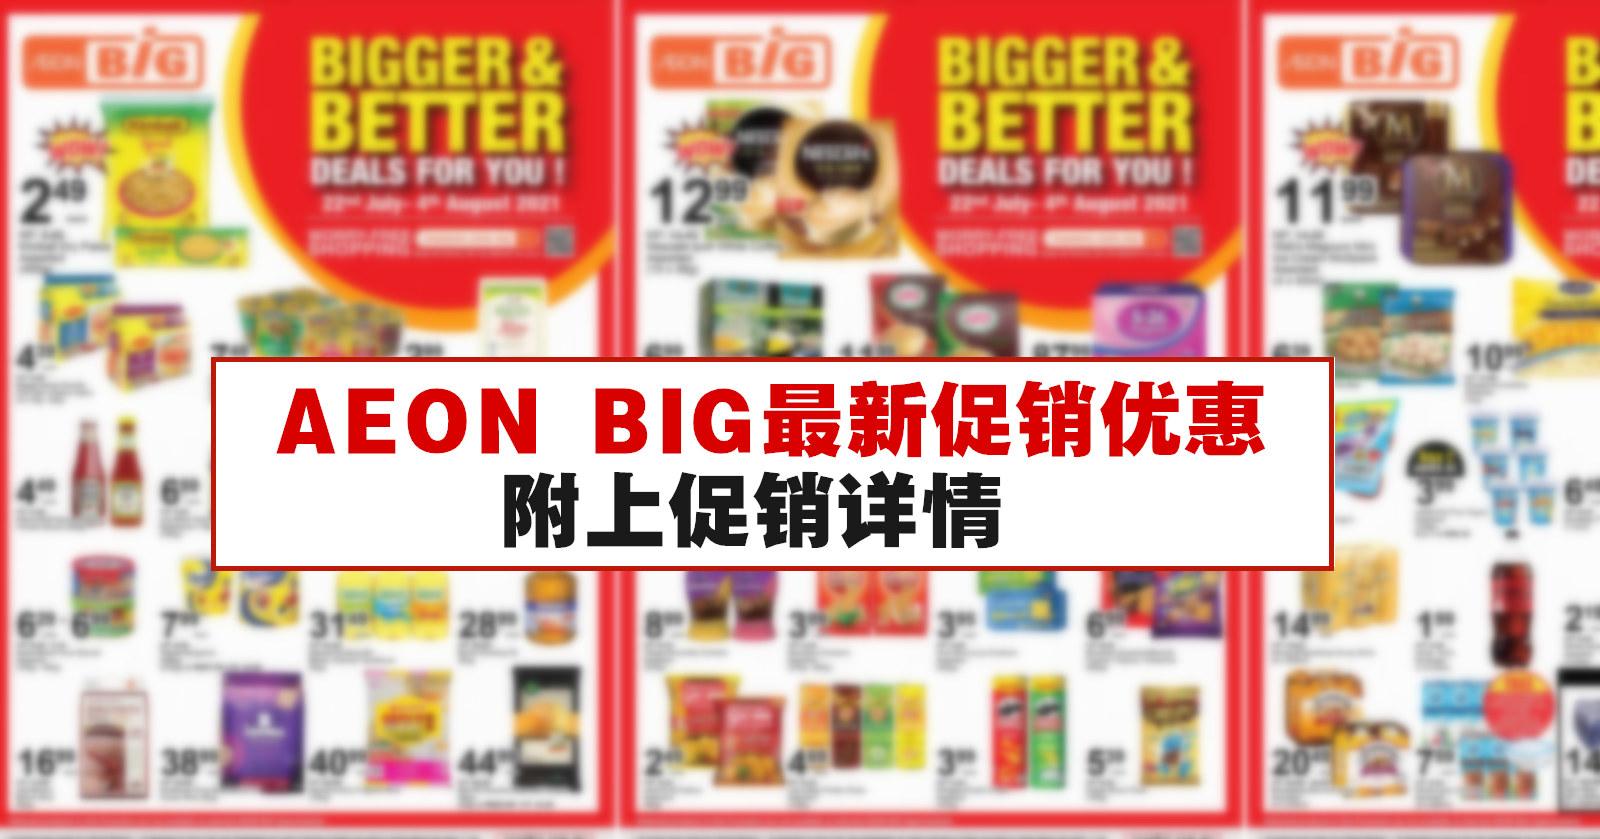 AEON BiG最新促销优惠